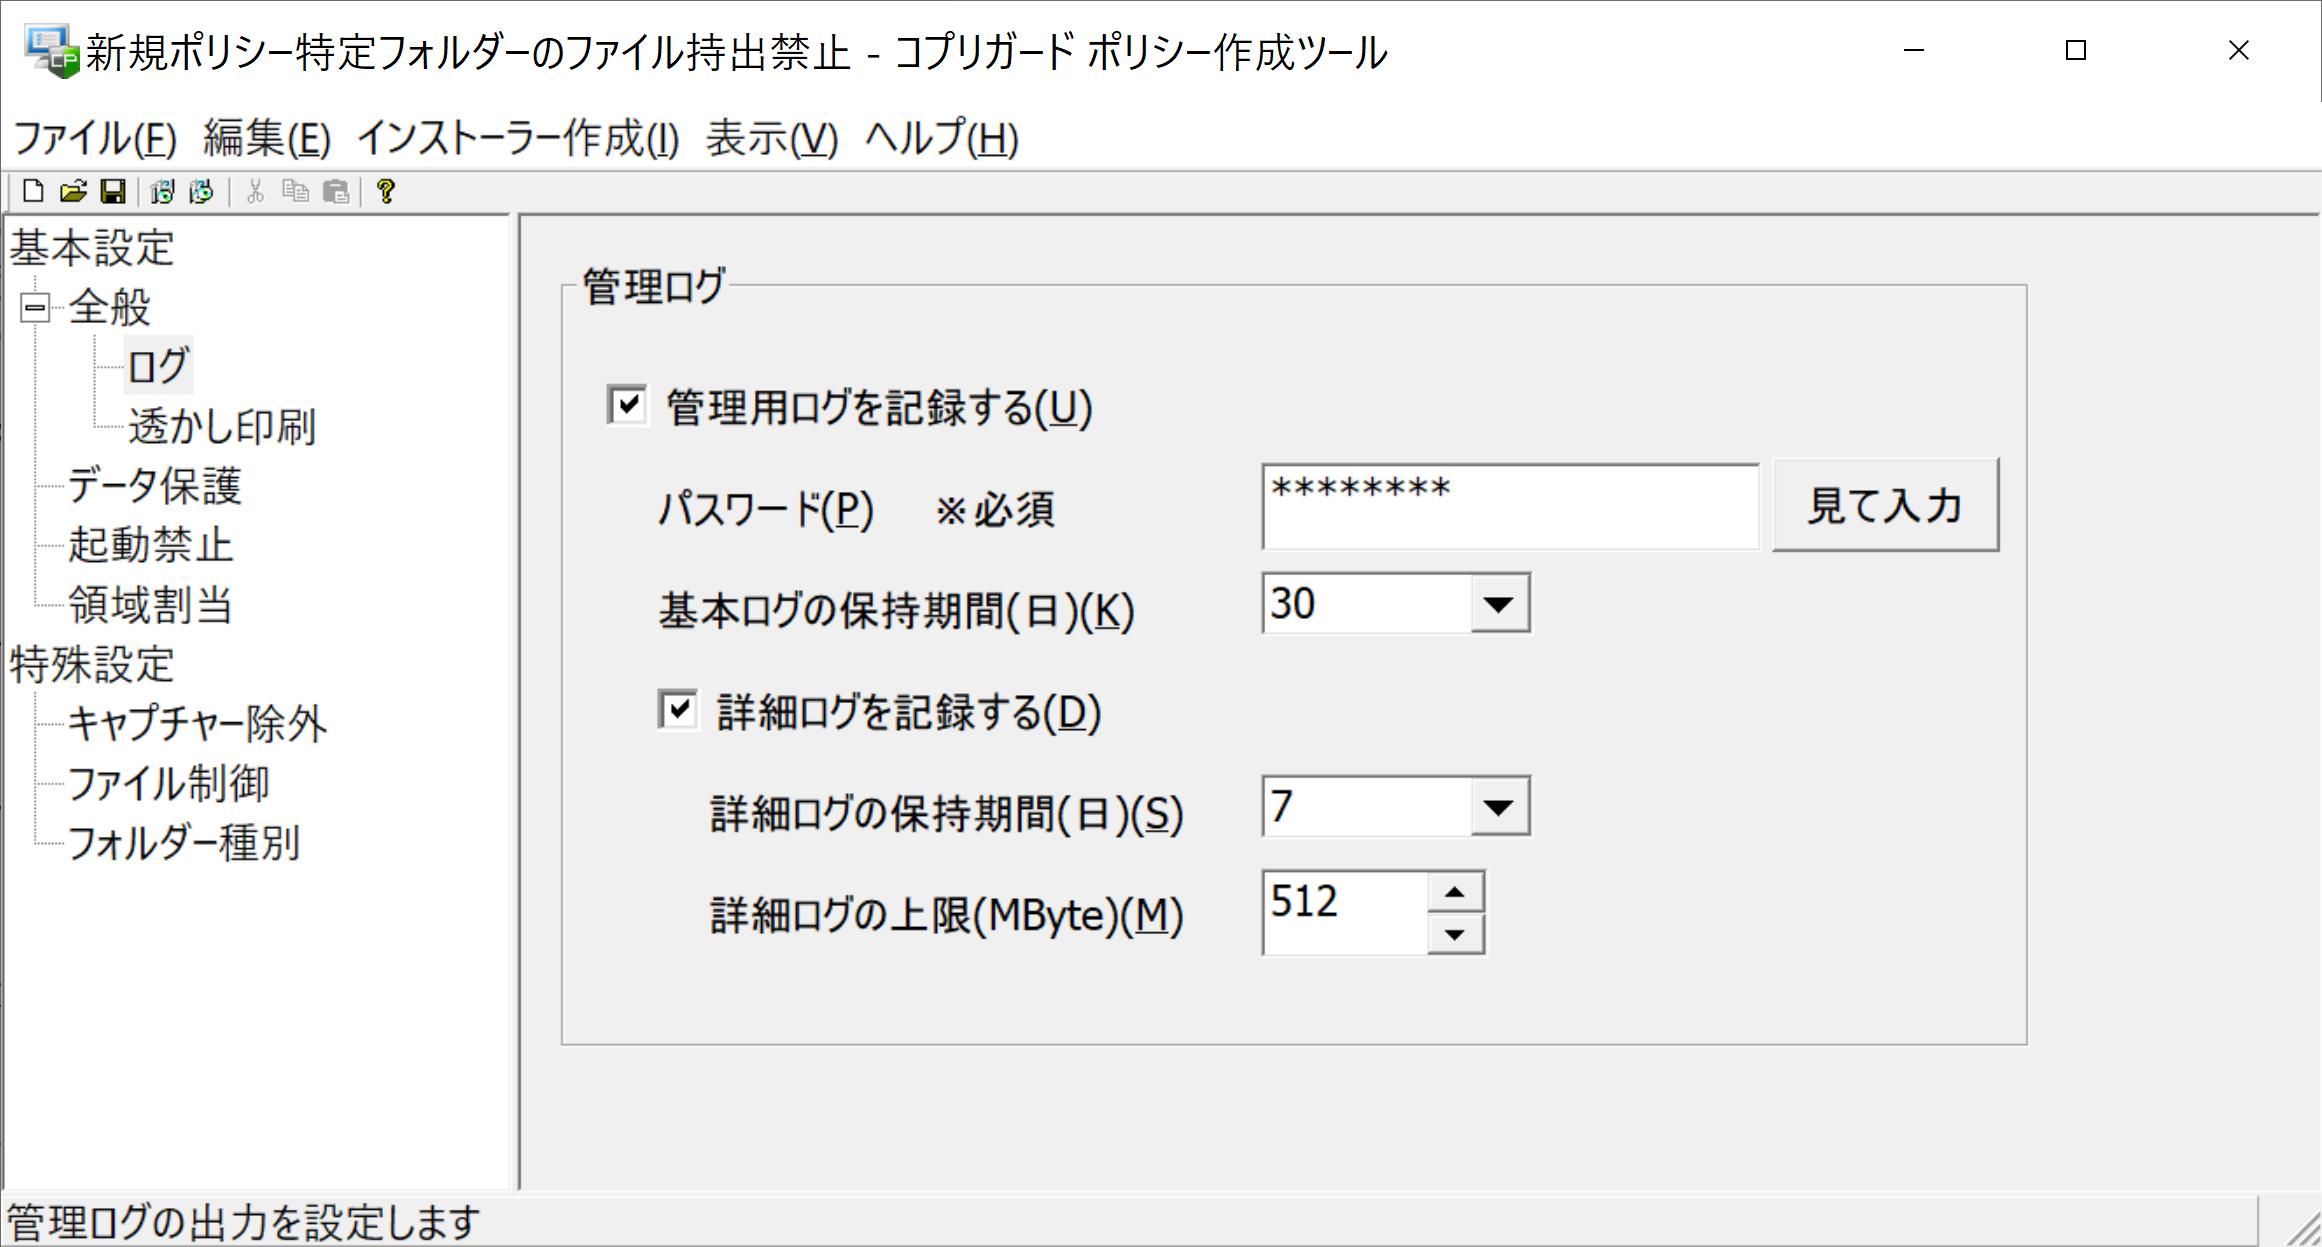 利用者の操作を記録する「管理ログ」を取得